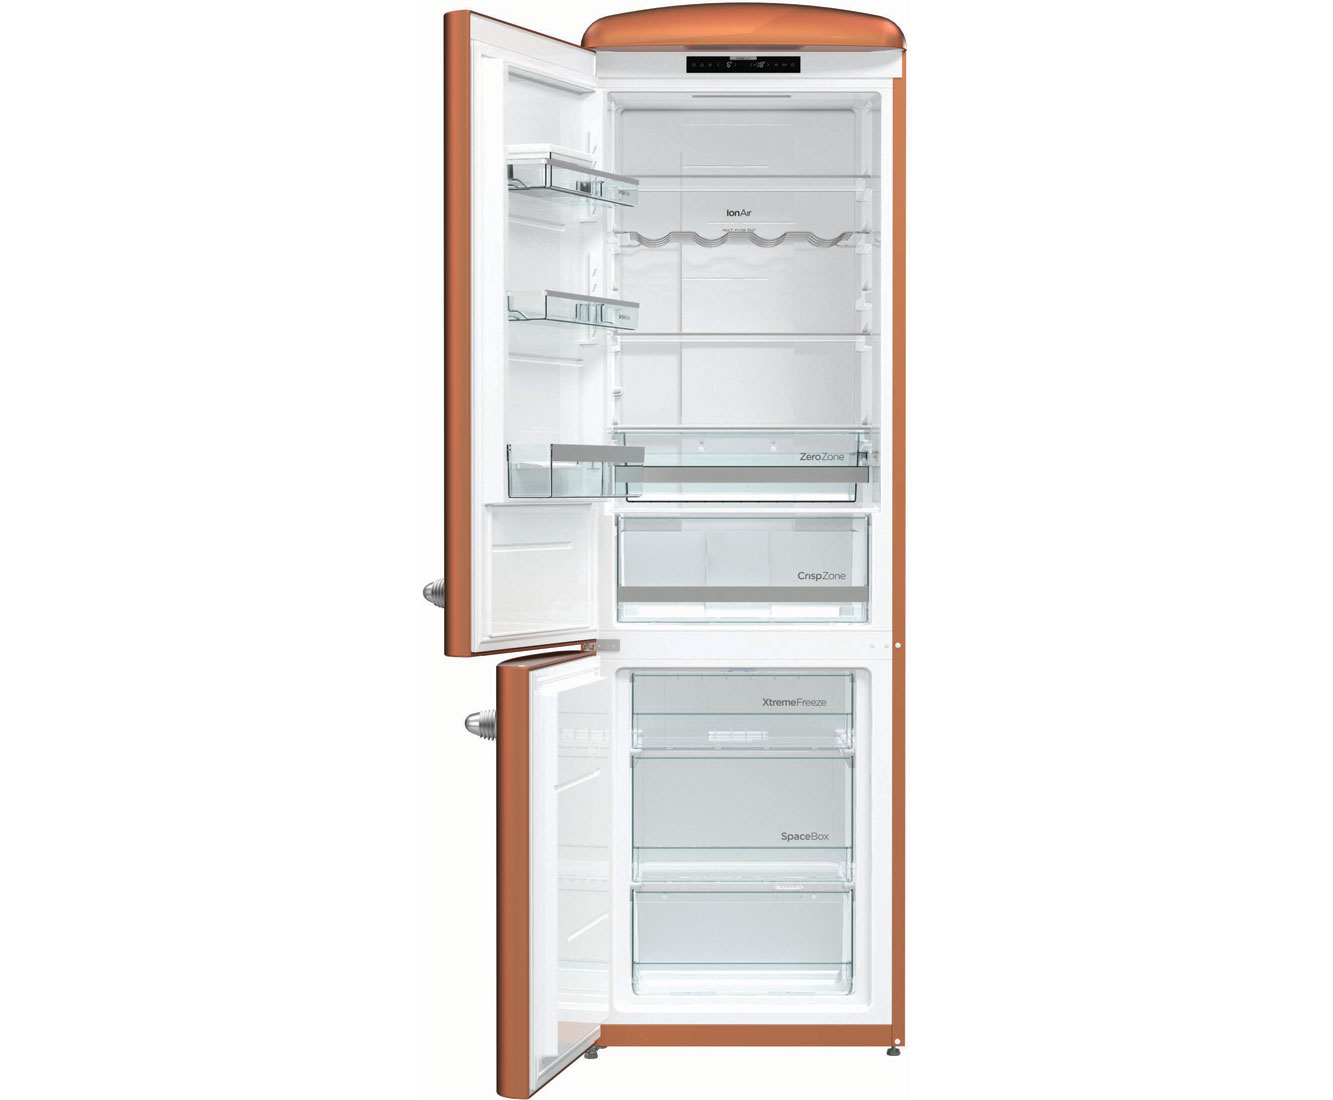 Bosch Kühlschrank Türanschlag Wechseln Anleitung : Gorenje kühlschrank tür wechsel kühlschrank led altes